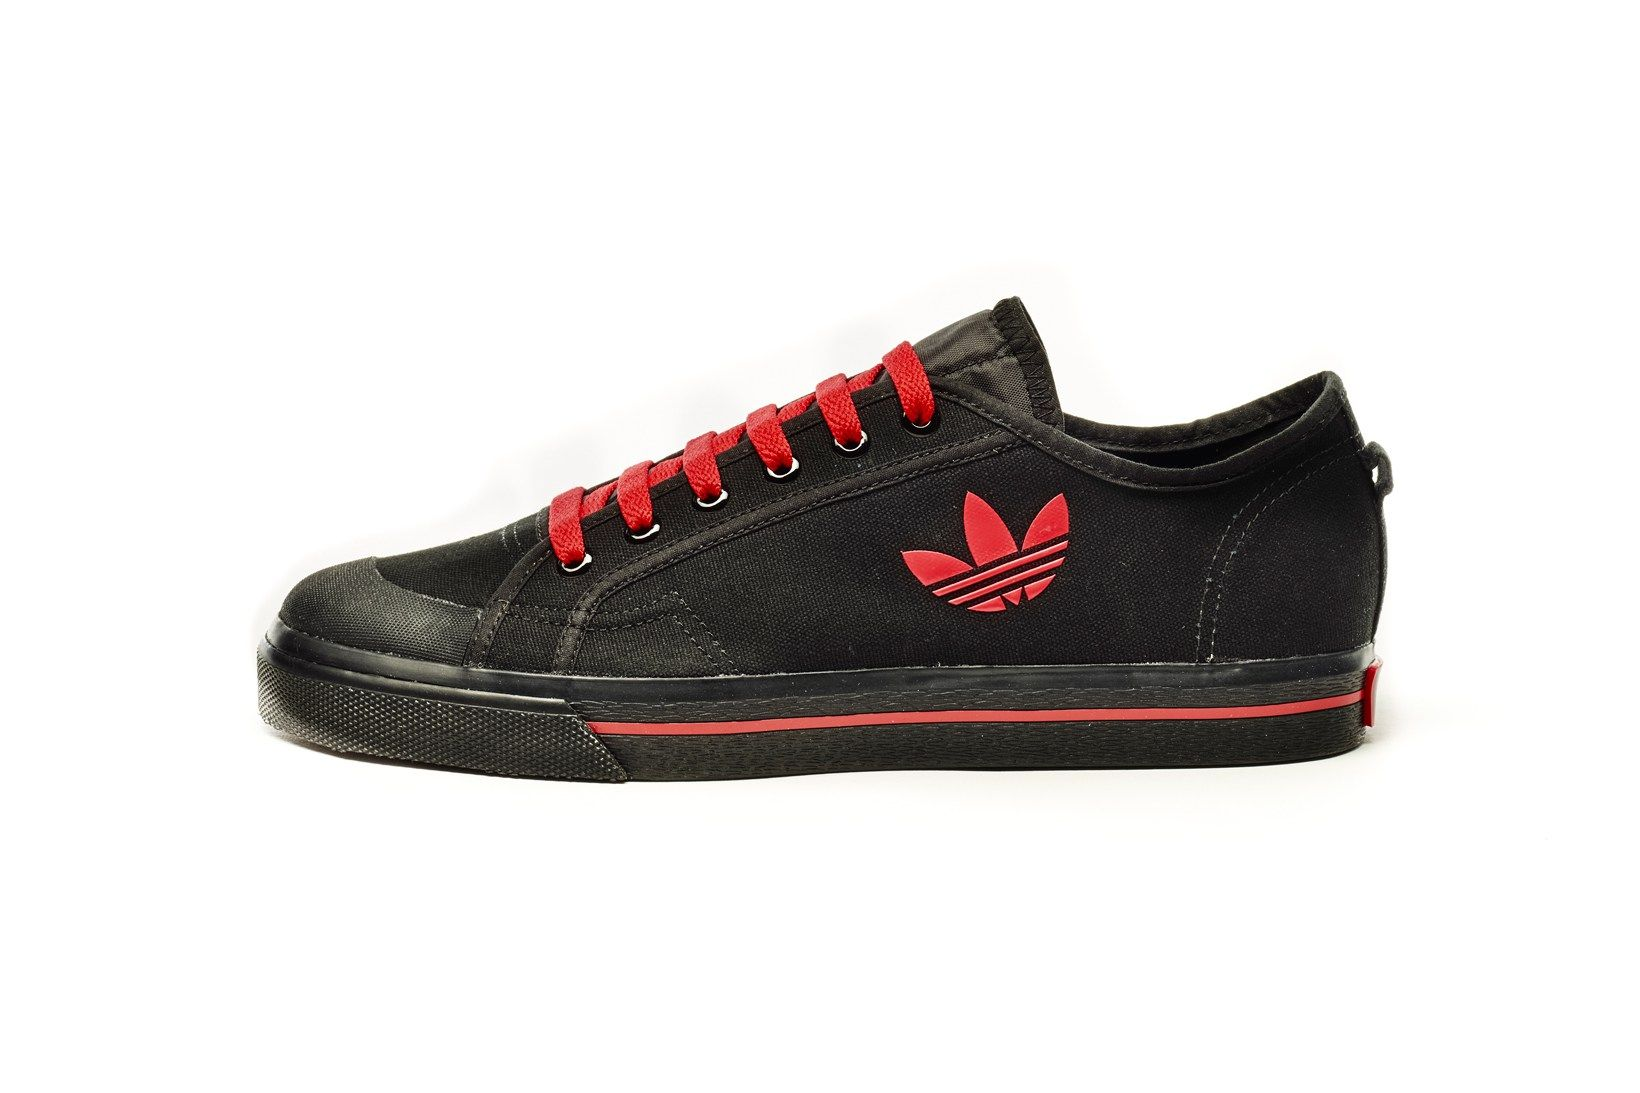 Raf simons x adidas matrice spirito scarpe adidas x raf simons: